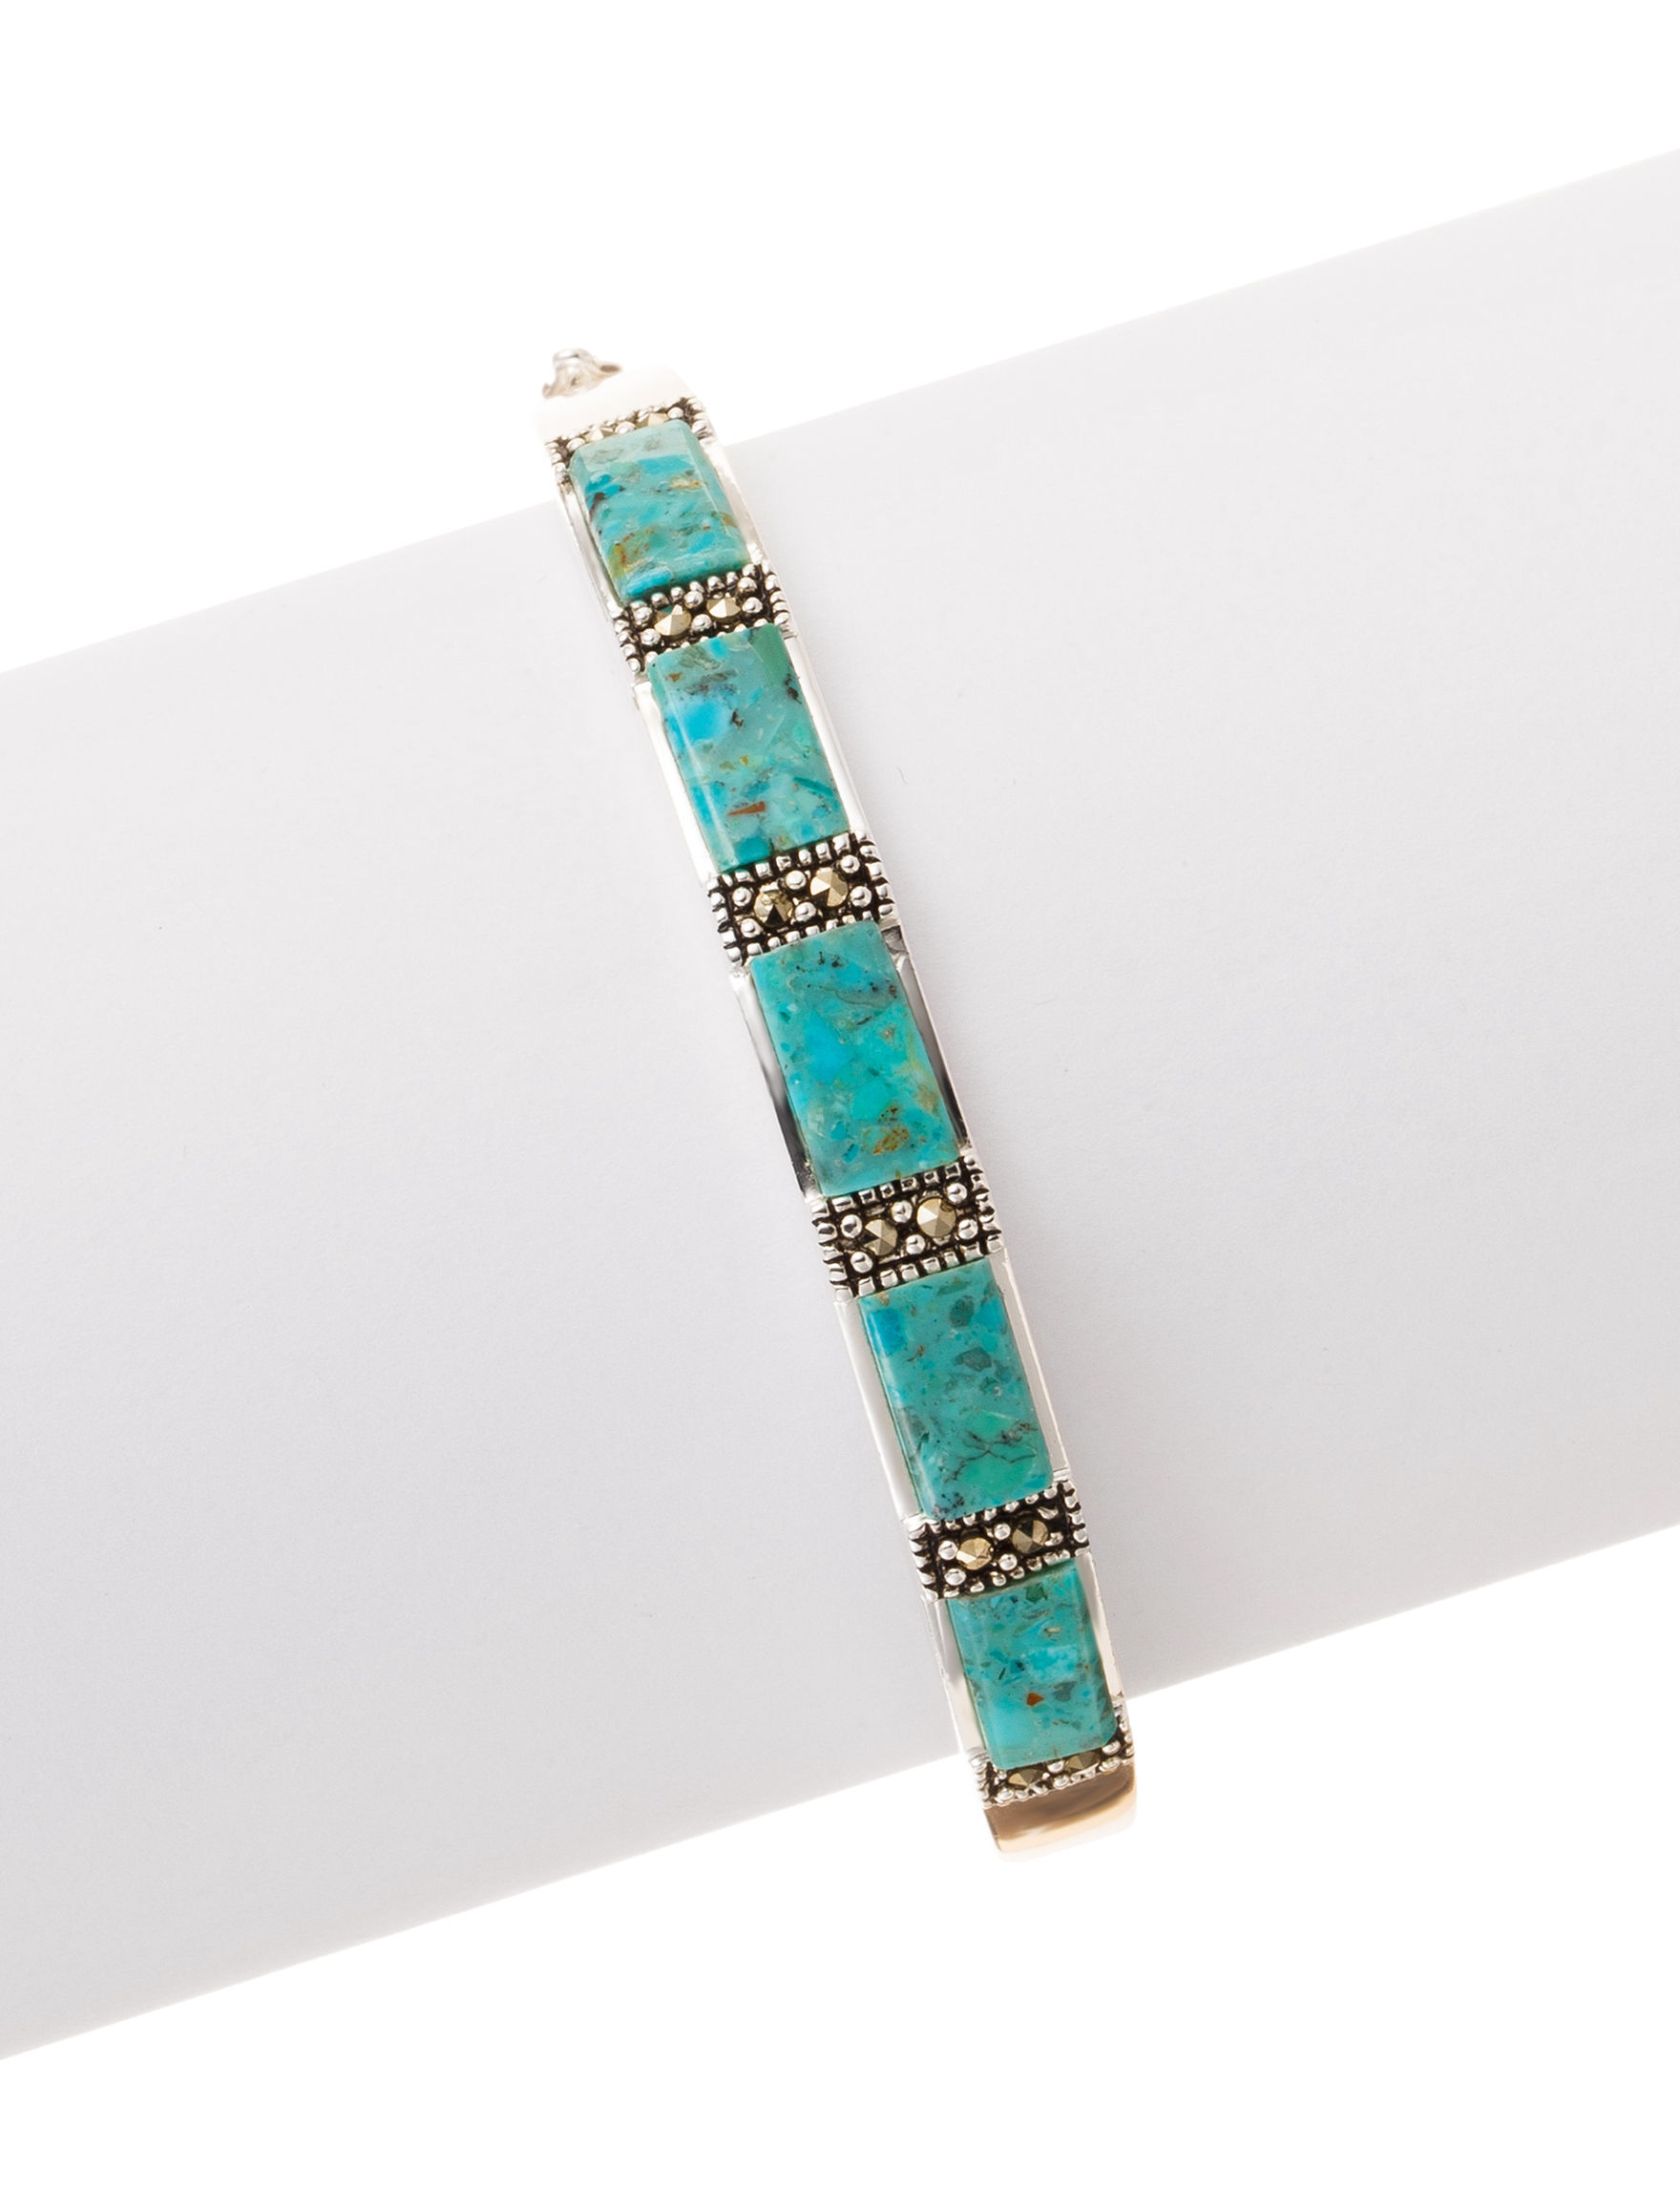 Marsala Turquoise Fine Jewelry